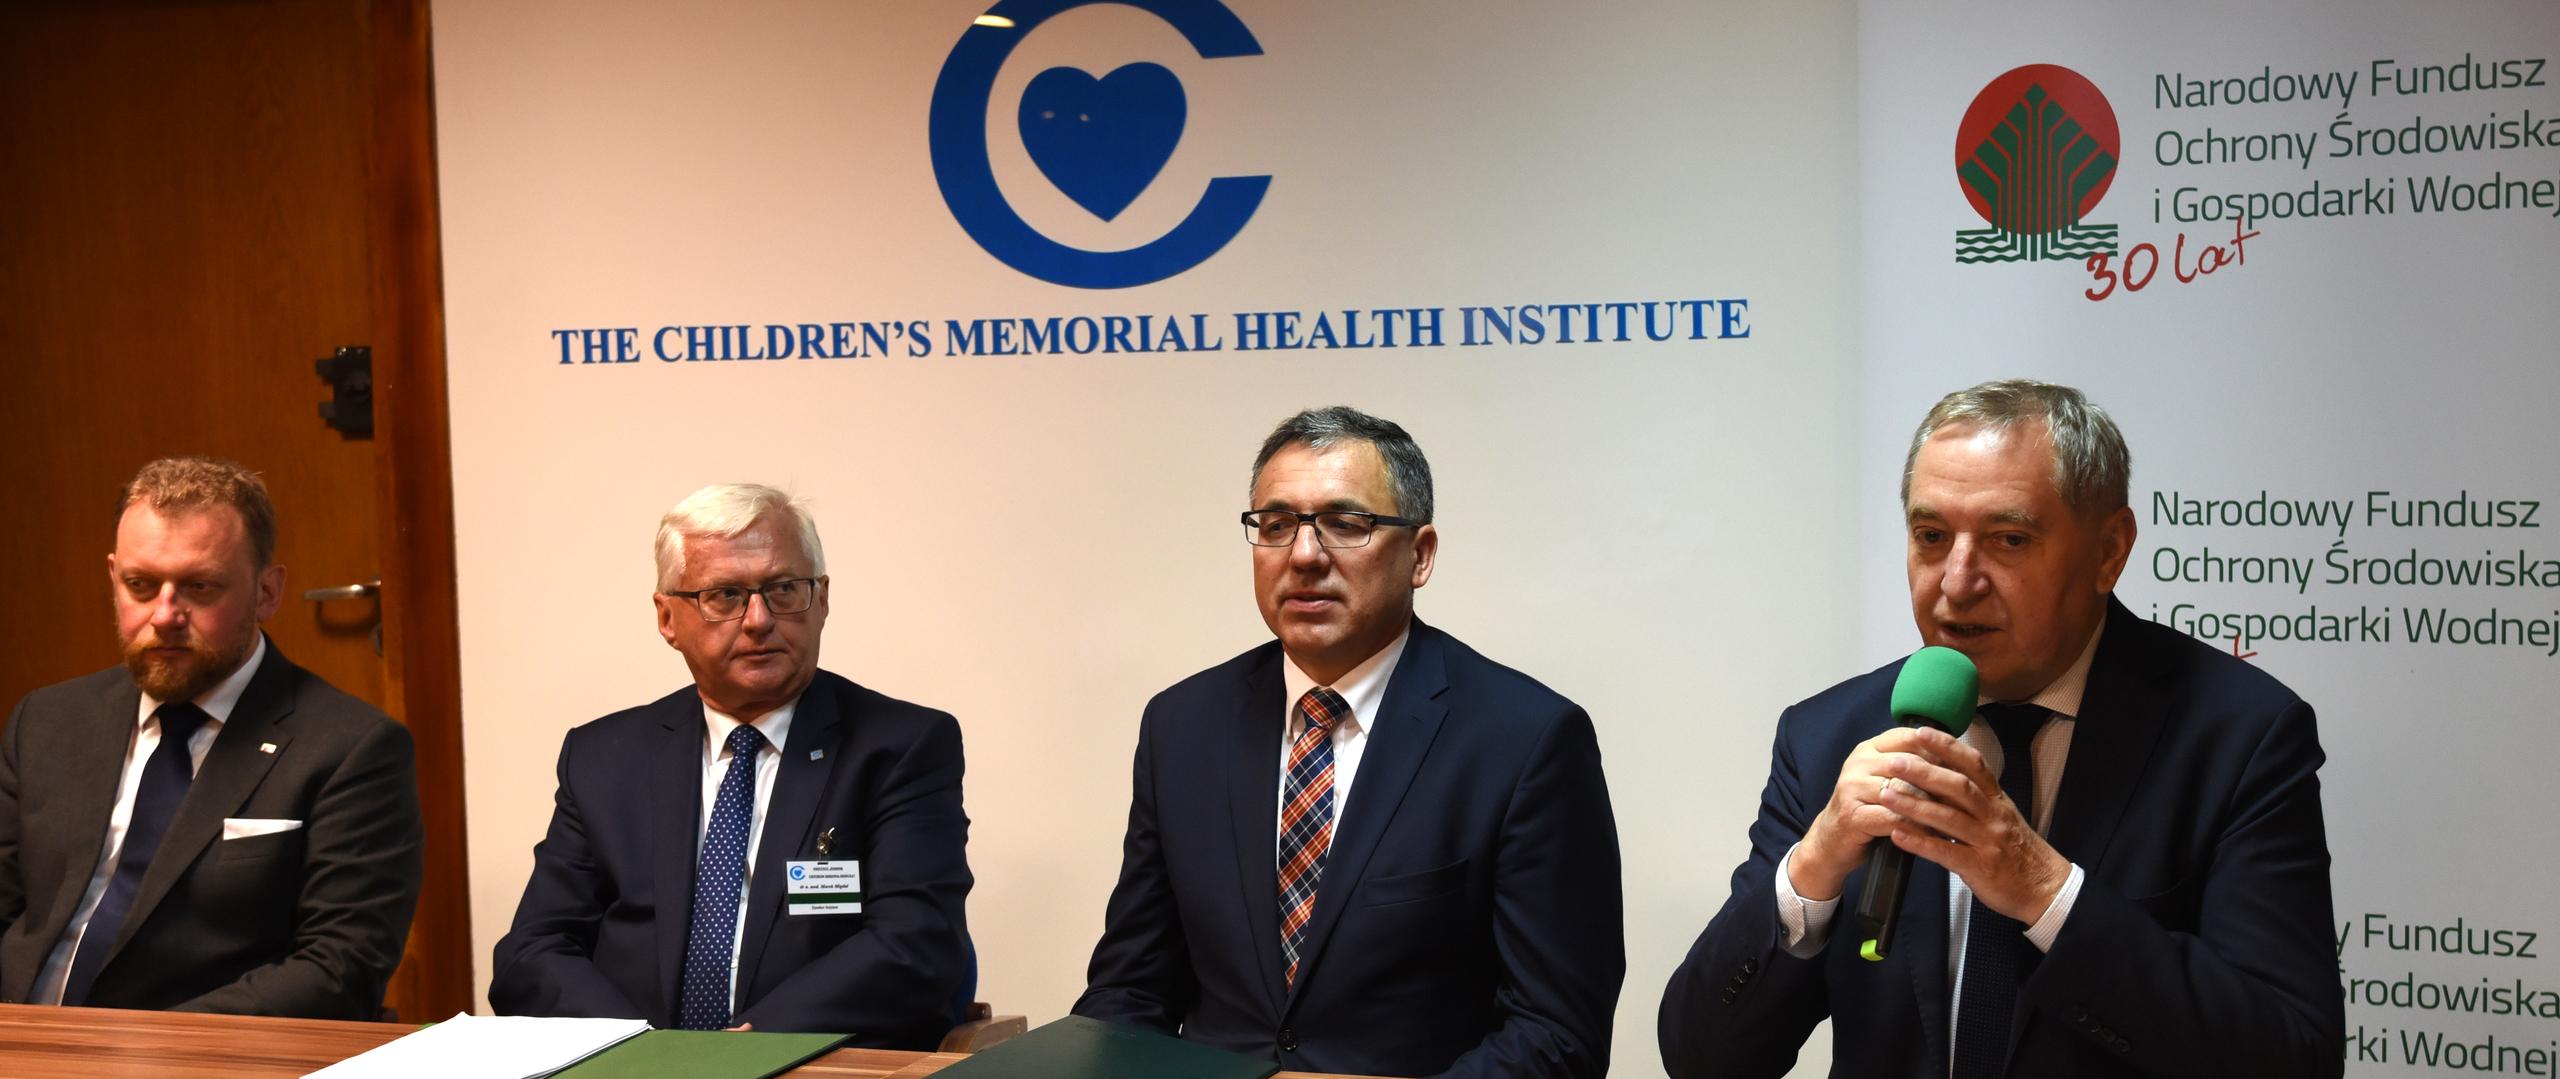 (od prawej) minister środowiska Henryk Kowalczyk, p.o. prezesa Narodowego Funduszu Ochrony Środowiska i Gospodarki Wodnej Marek Ryszka, dyrektor Instytutu